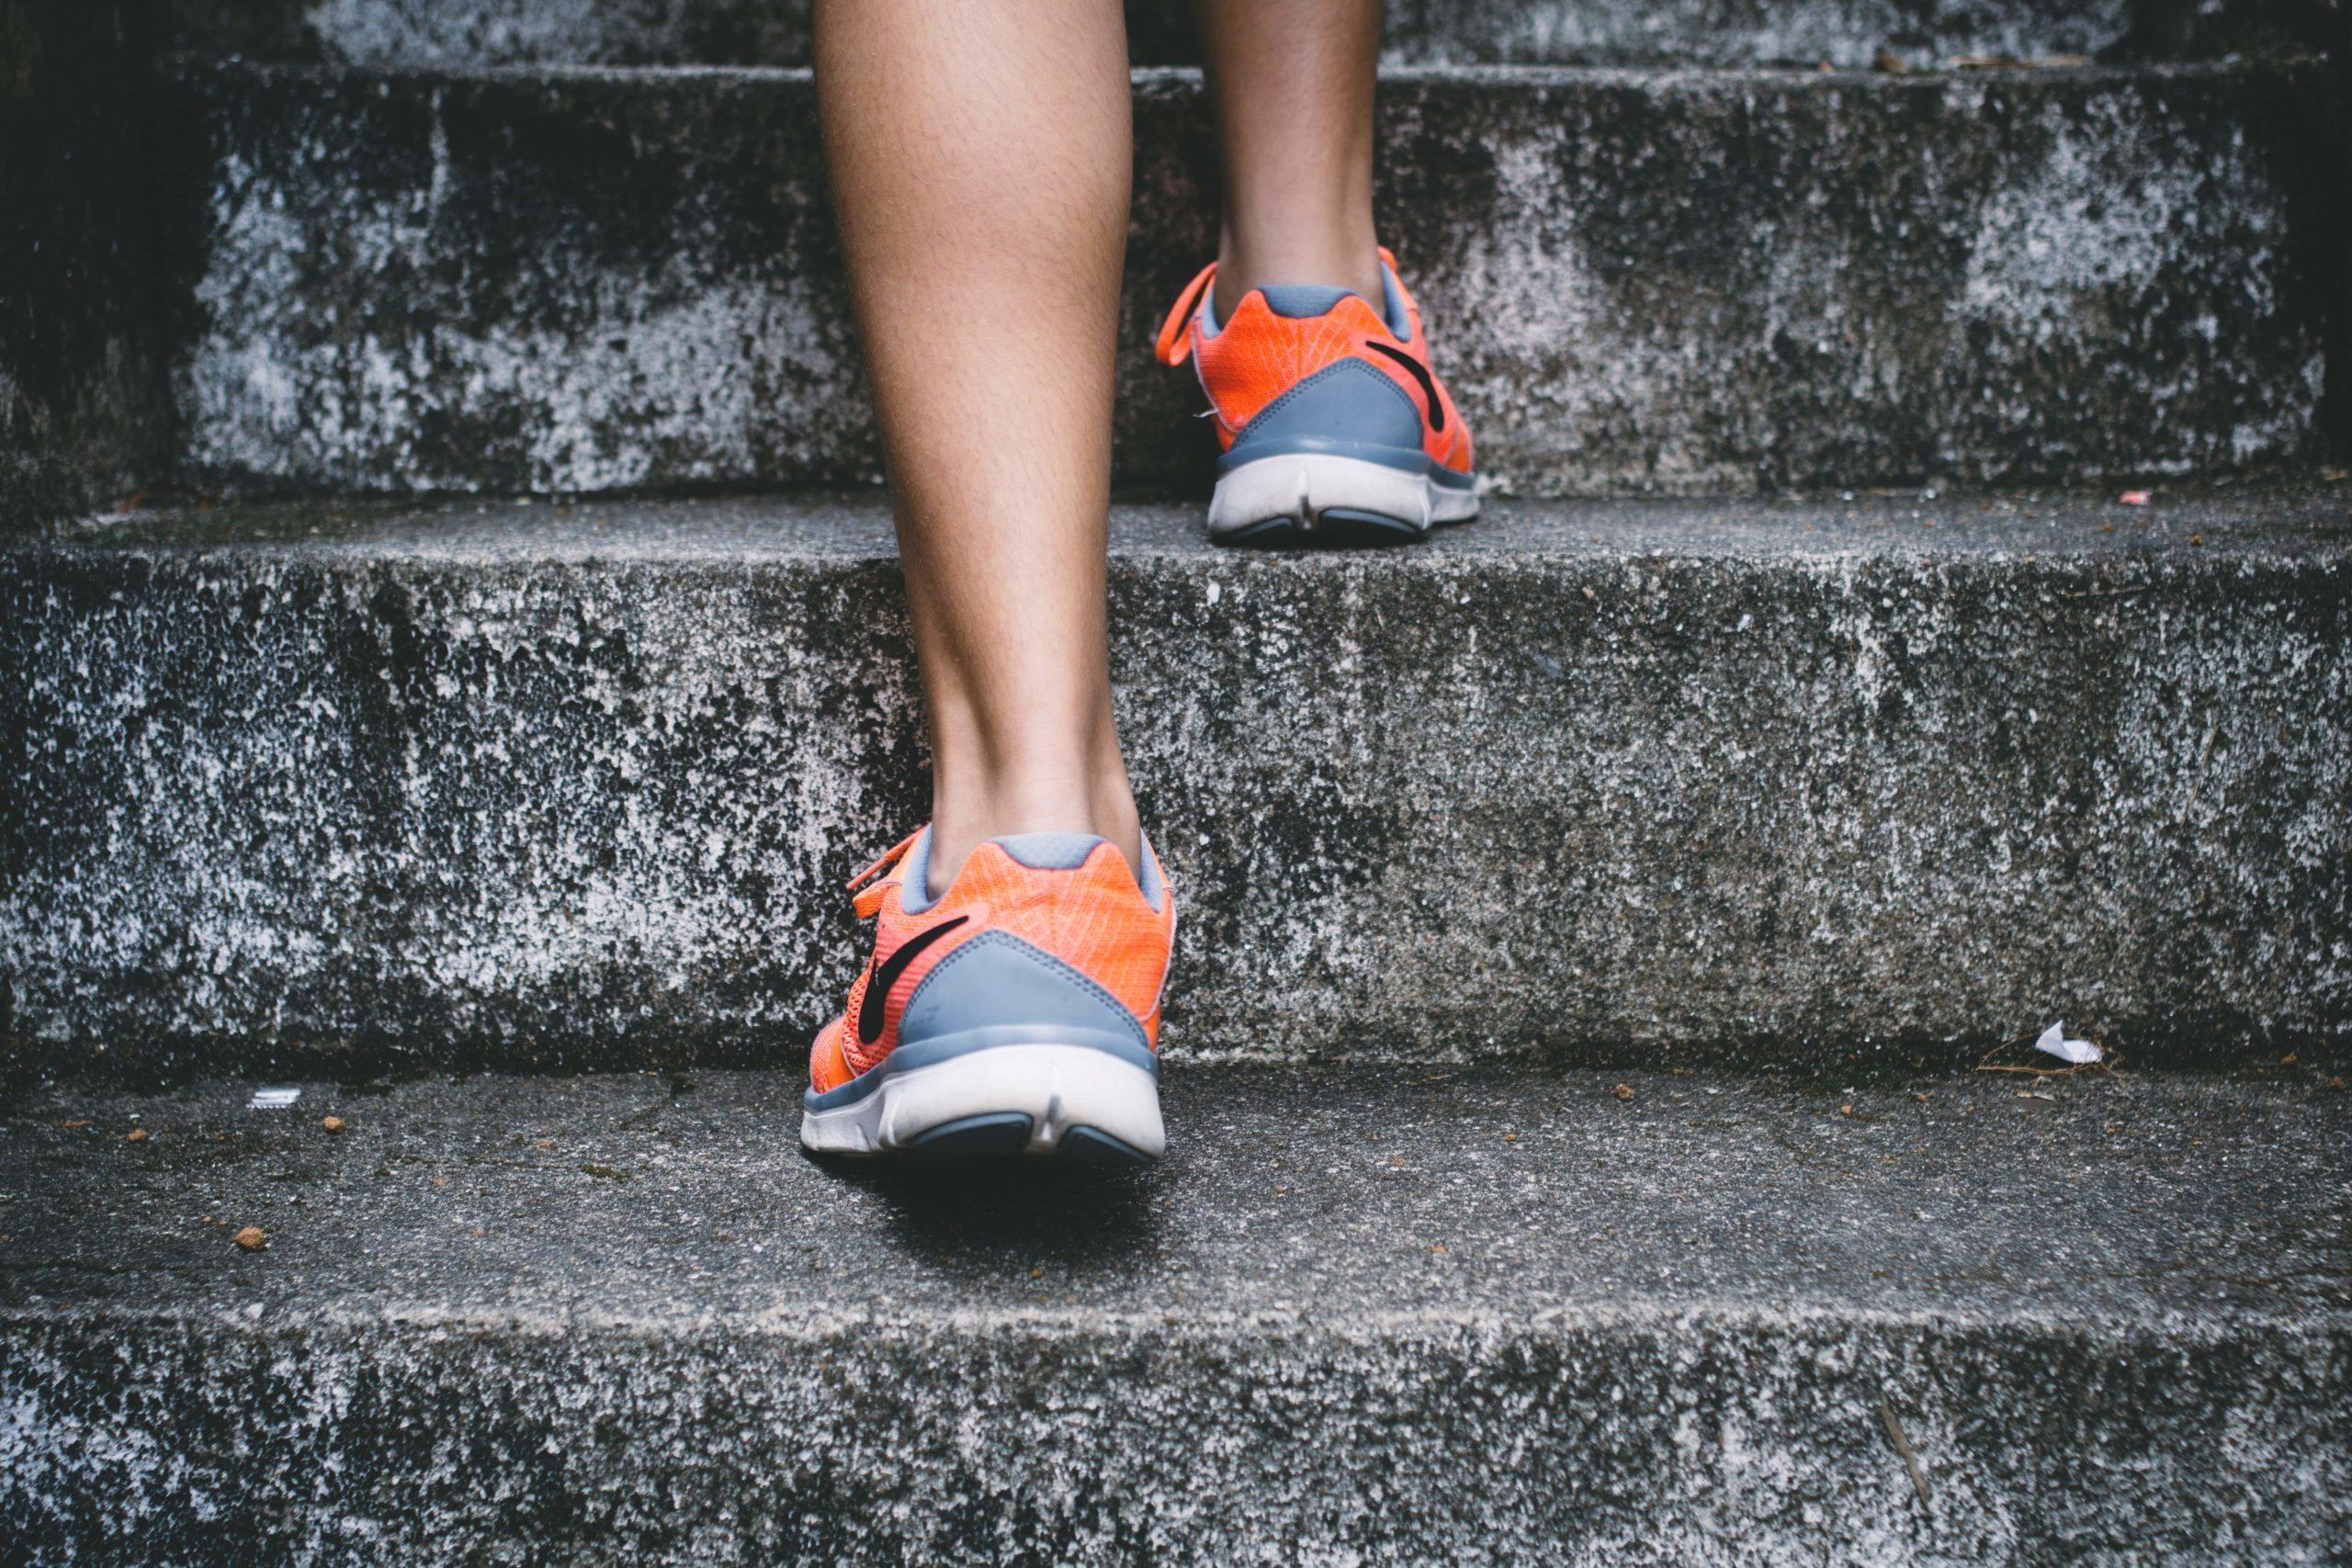 Quelles méthodes pour gagner en endurance ?